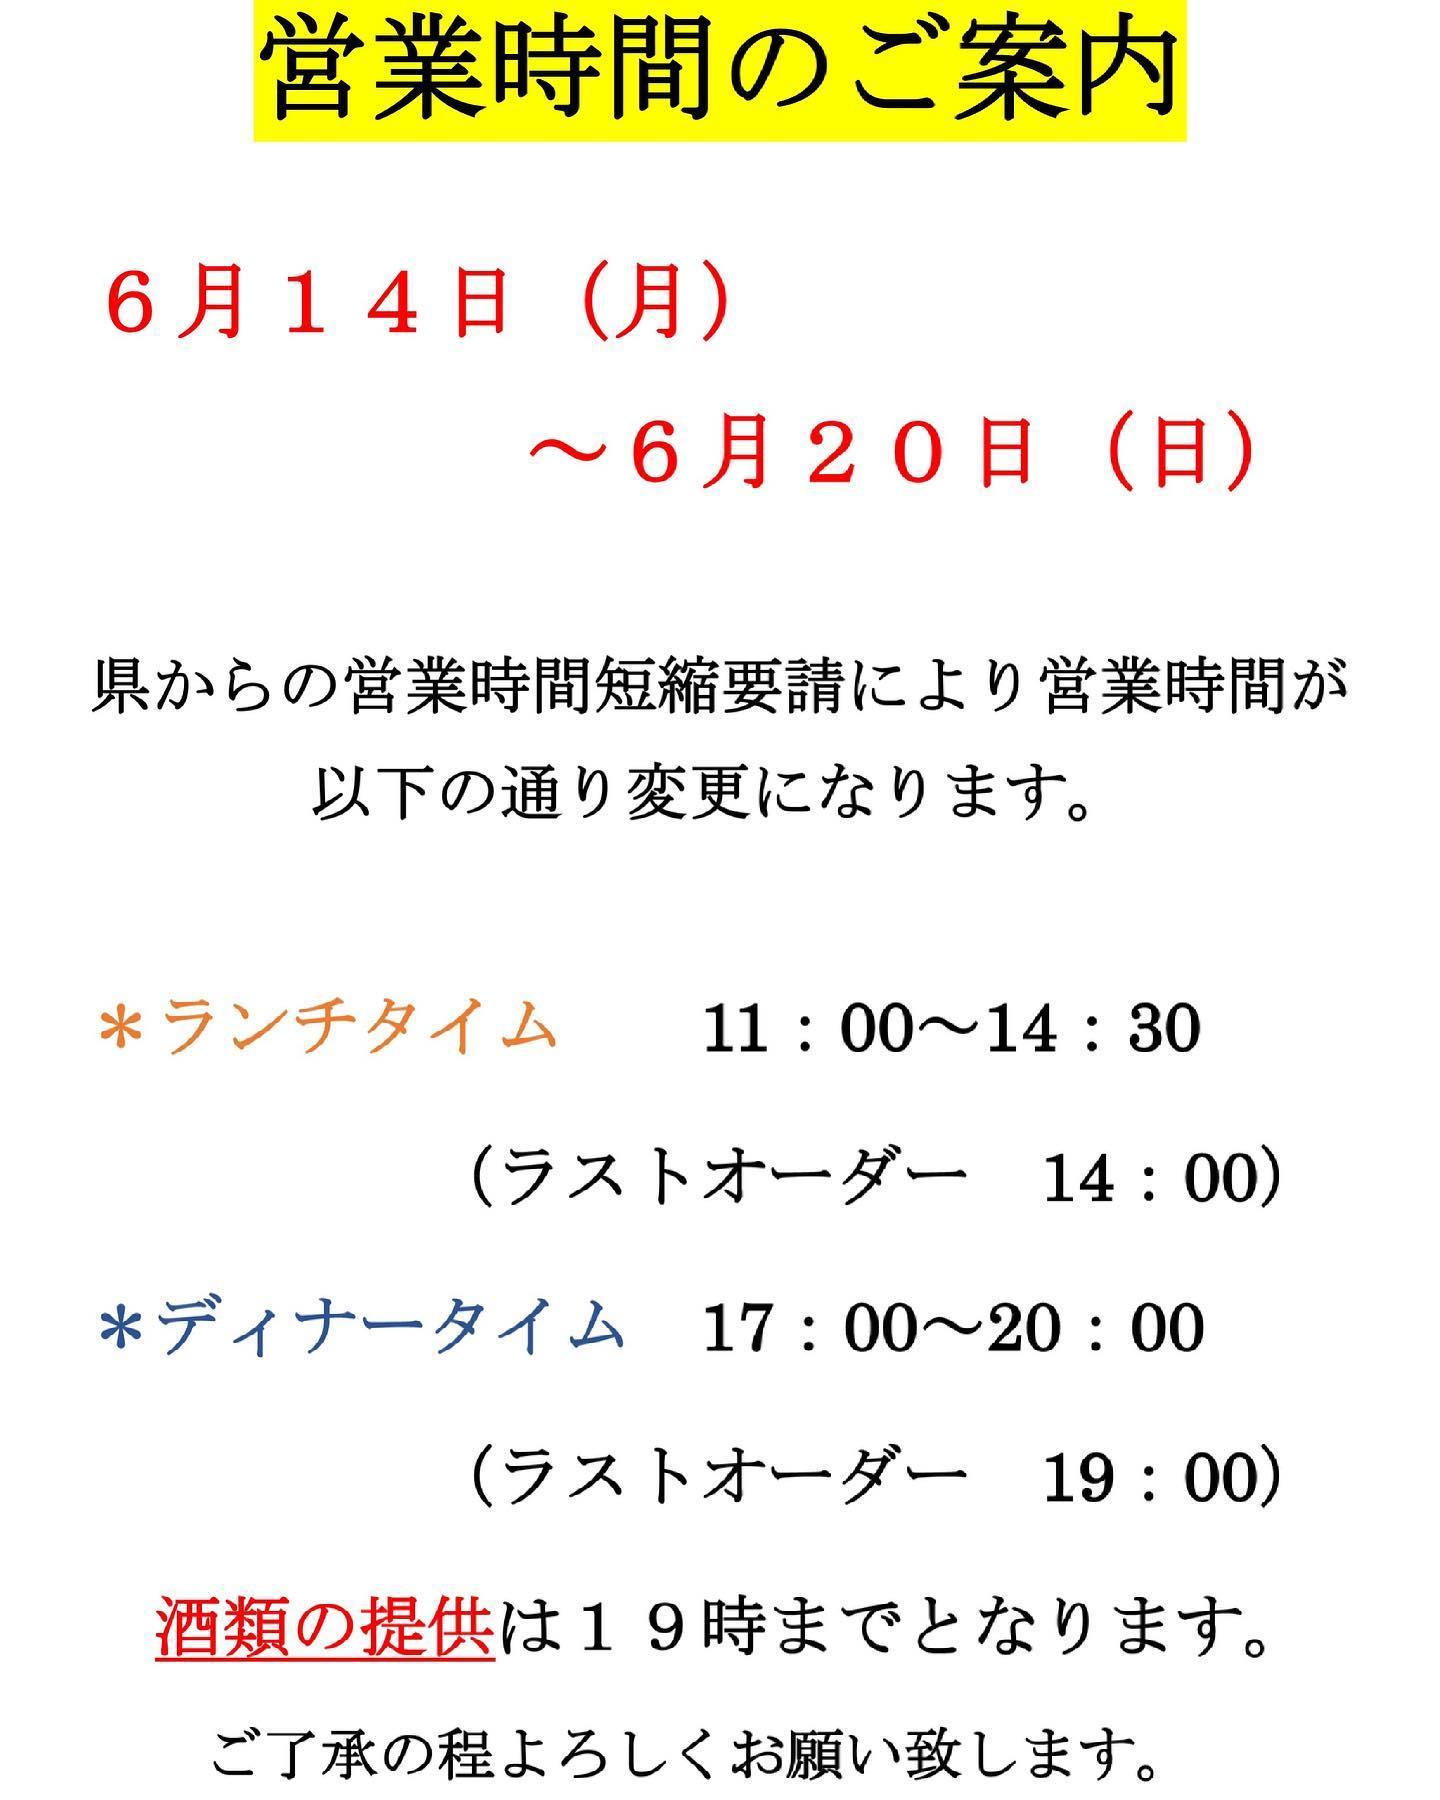 県からの営業時間短縮要請により、6月14日(月)〜6月20日(日)まで、営業時間が変更になります。 ご了承ください。 ・[昼] 11:00〜14:30(ラストオーダー14:00) ・[夜] 17:00〜20:00(ラストオーダー19:00) 尚、酒類の提供は19時までとなります。 ご協力お願いいたします。  一品もの、お弁当のテイクアウトもしておりますので、なかやの料理をご自宅でお召し上がることも可能です。 配達も可能です。 食事券等も使えますのでご利用下さい。 ご連絡、ご来店お待ちしております。  ※HPはインスタプロフィールのURLからご覧下さい